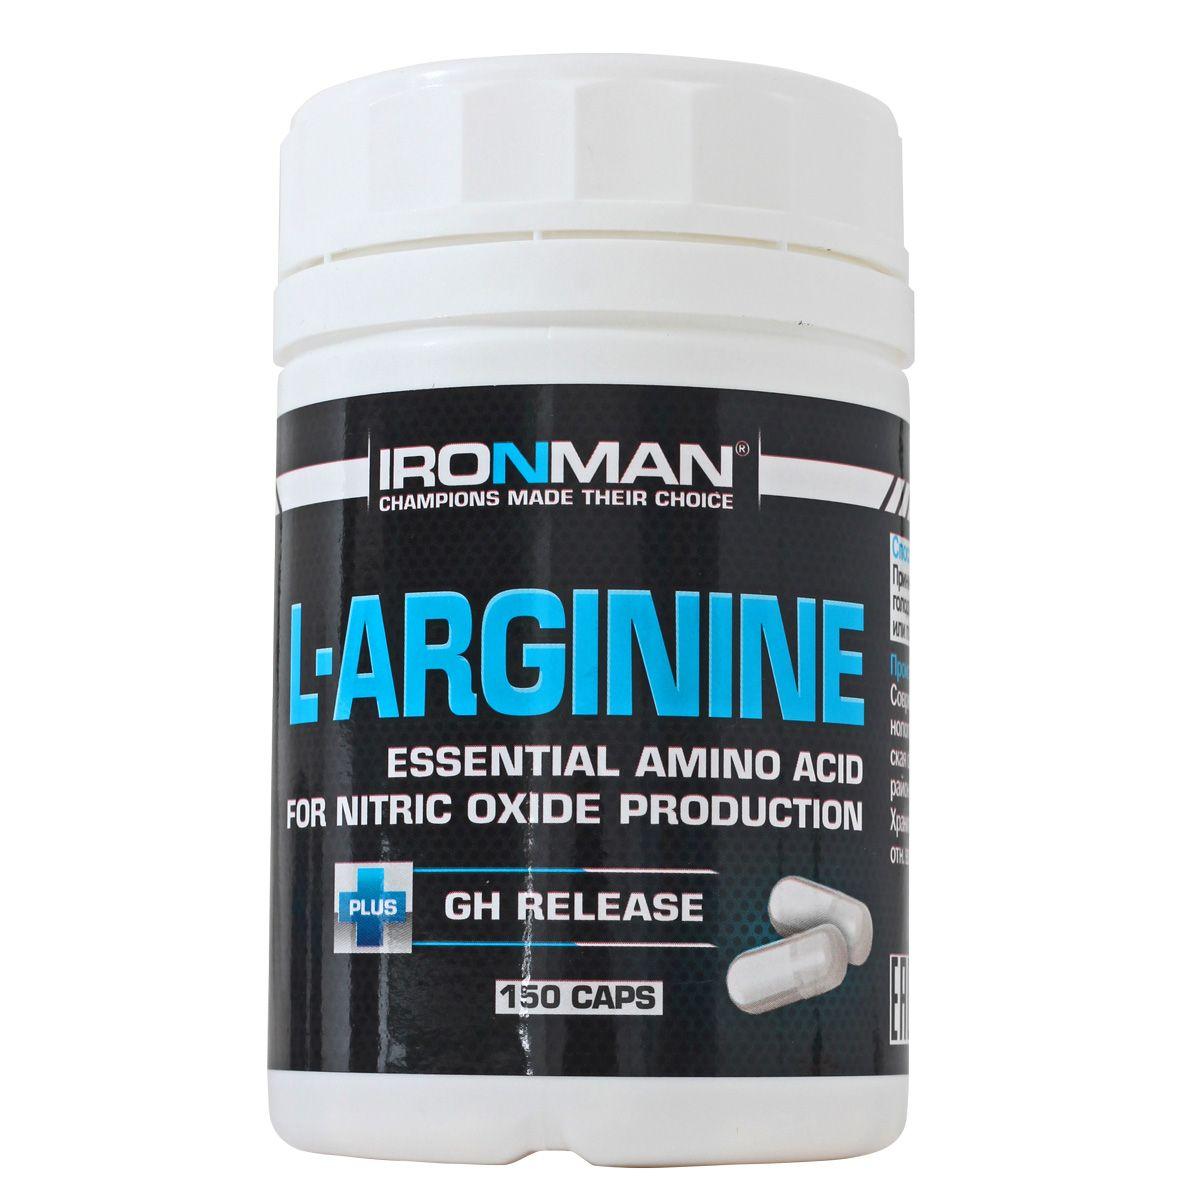 Ironman L-Аргинин, 150 капсул4607062752173L-аргинин – аминокислота, которая необходима для нормального функционирования гипофиза и производства гормона роста. Гормон роста накапливается в гипофизе, и организм выделяет его в ответ на сон, упражнения и ограниченный прием пищи. Дополнительный прием L-аргинина в особенности необходим интенсивно тренирующимся атлетам после 30 лет, когда его естественная секреция полностью прекращается. Кроме того, L-Аргинин ответственен за концентрацию сперматозоидов в мужской сперме, он улучшает иммунные реакции и ускоряет заживление ран Состав: L-аргинин 300мг